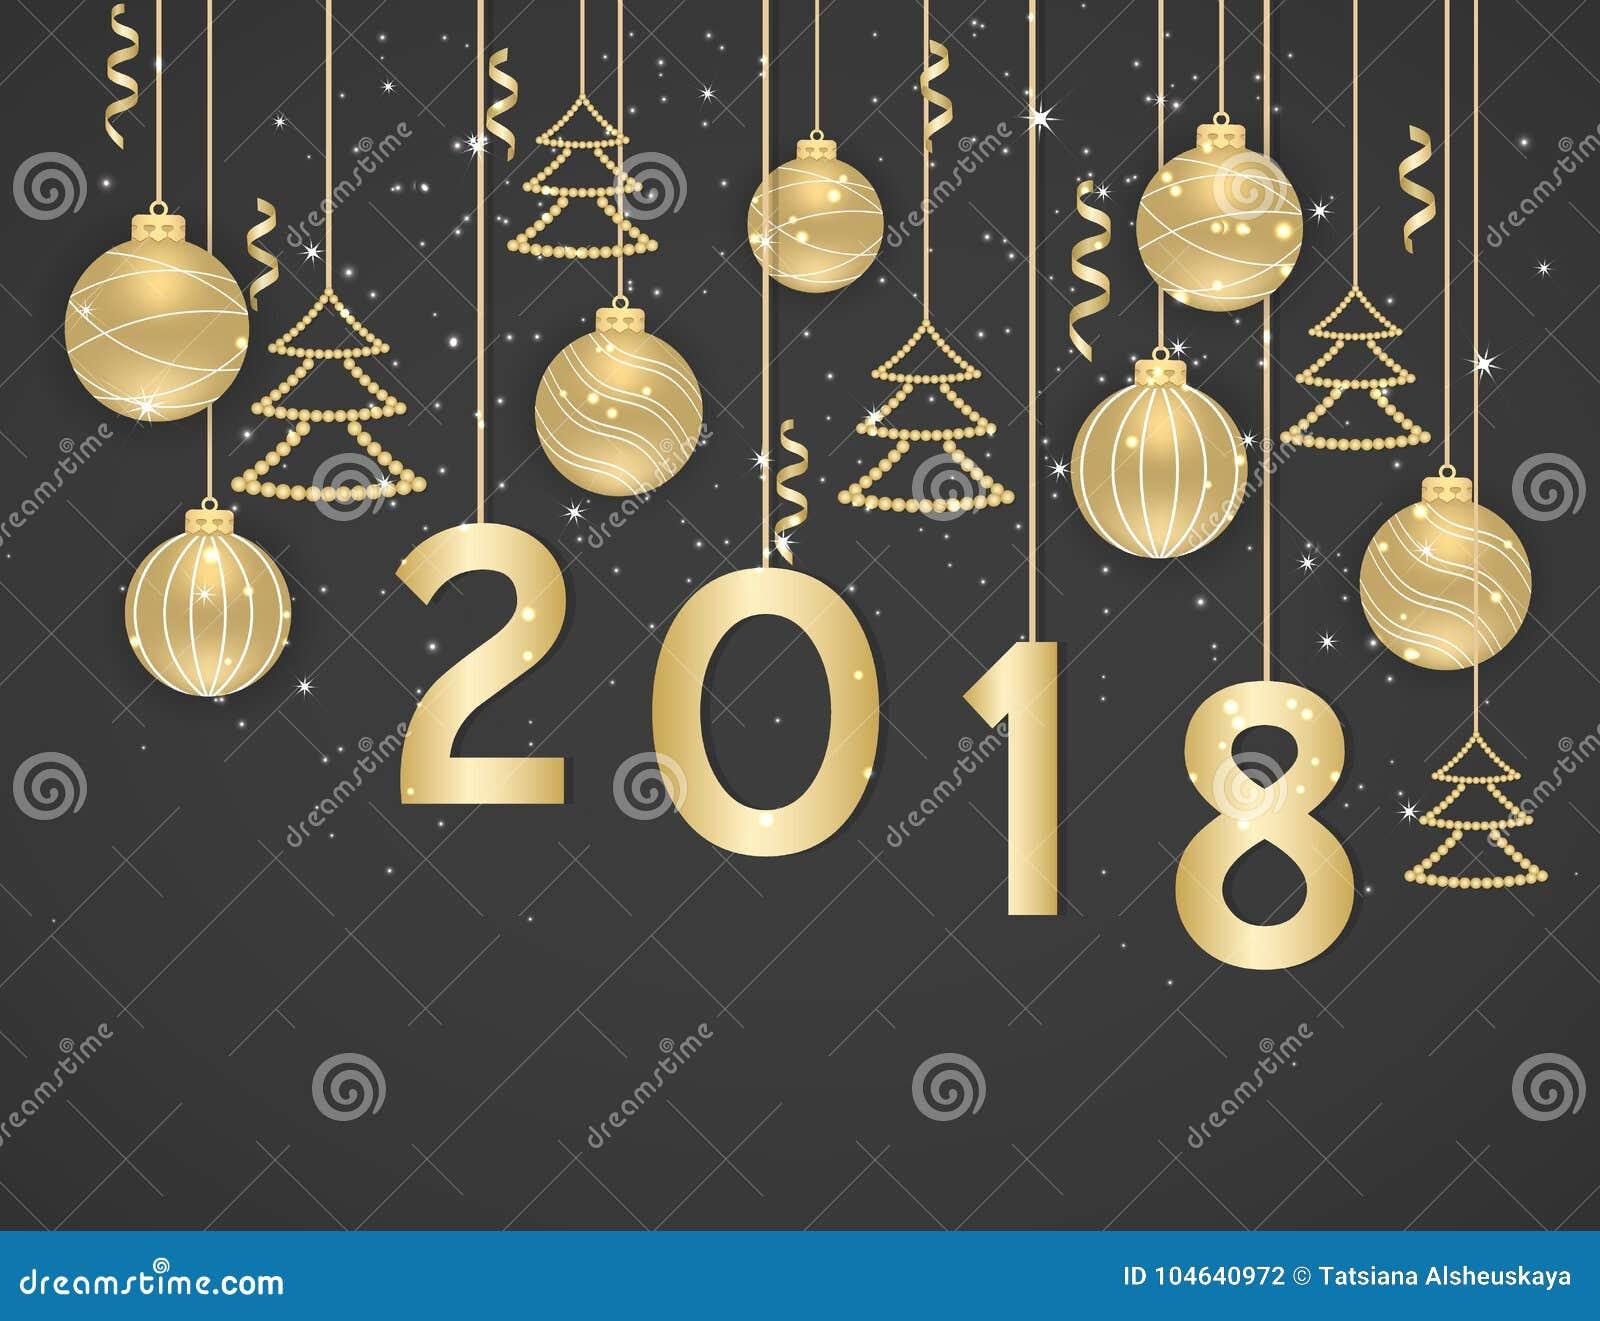 Download Gelukkig Nieuw Jaar 2018 Nieuwjaarachtergrond Met Gouden Hangende Ballen, Kerstbomen En Linten Tekst, Ontwerpelement Vector Illustratie - Illustratie bestaande uit magisch, vrolijk: 104640972